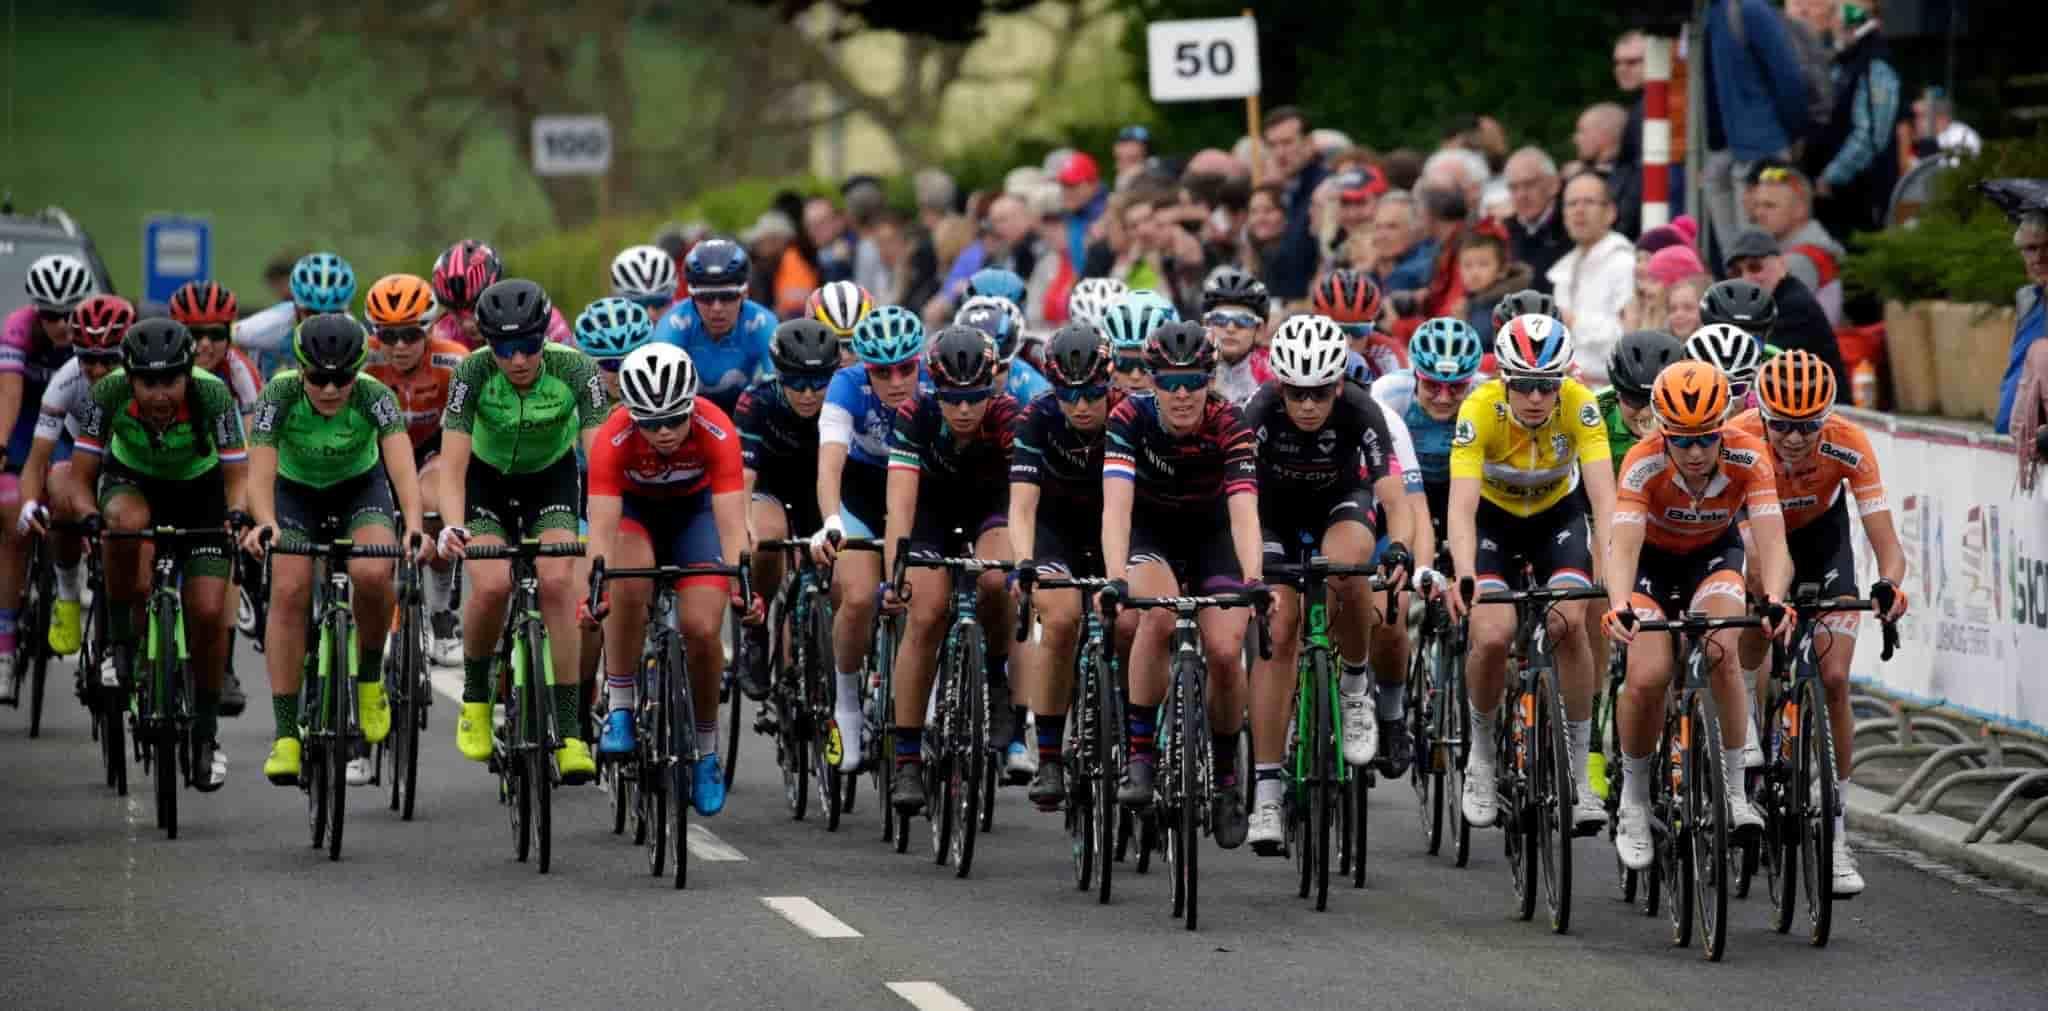 Calendrier Course Cycliste Professionnel 2020.Le Calendrier Francais Du Circuit Uci 2020 Le Sport Au Feminin